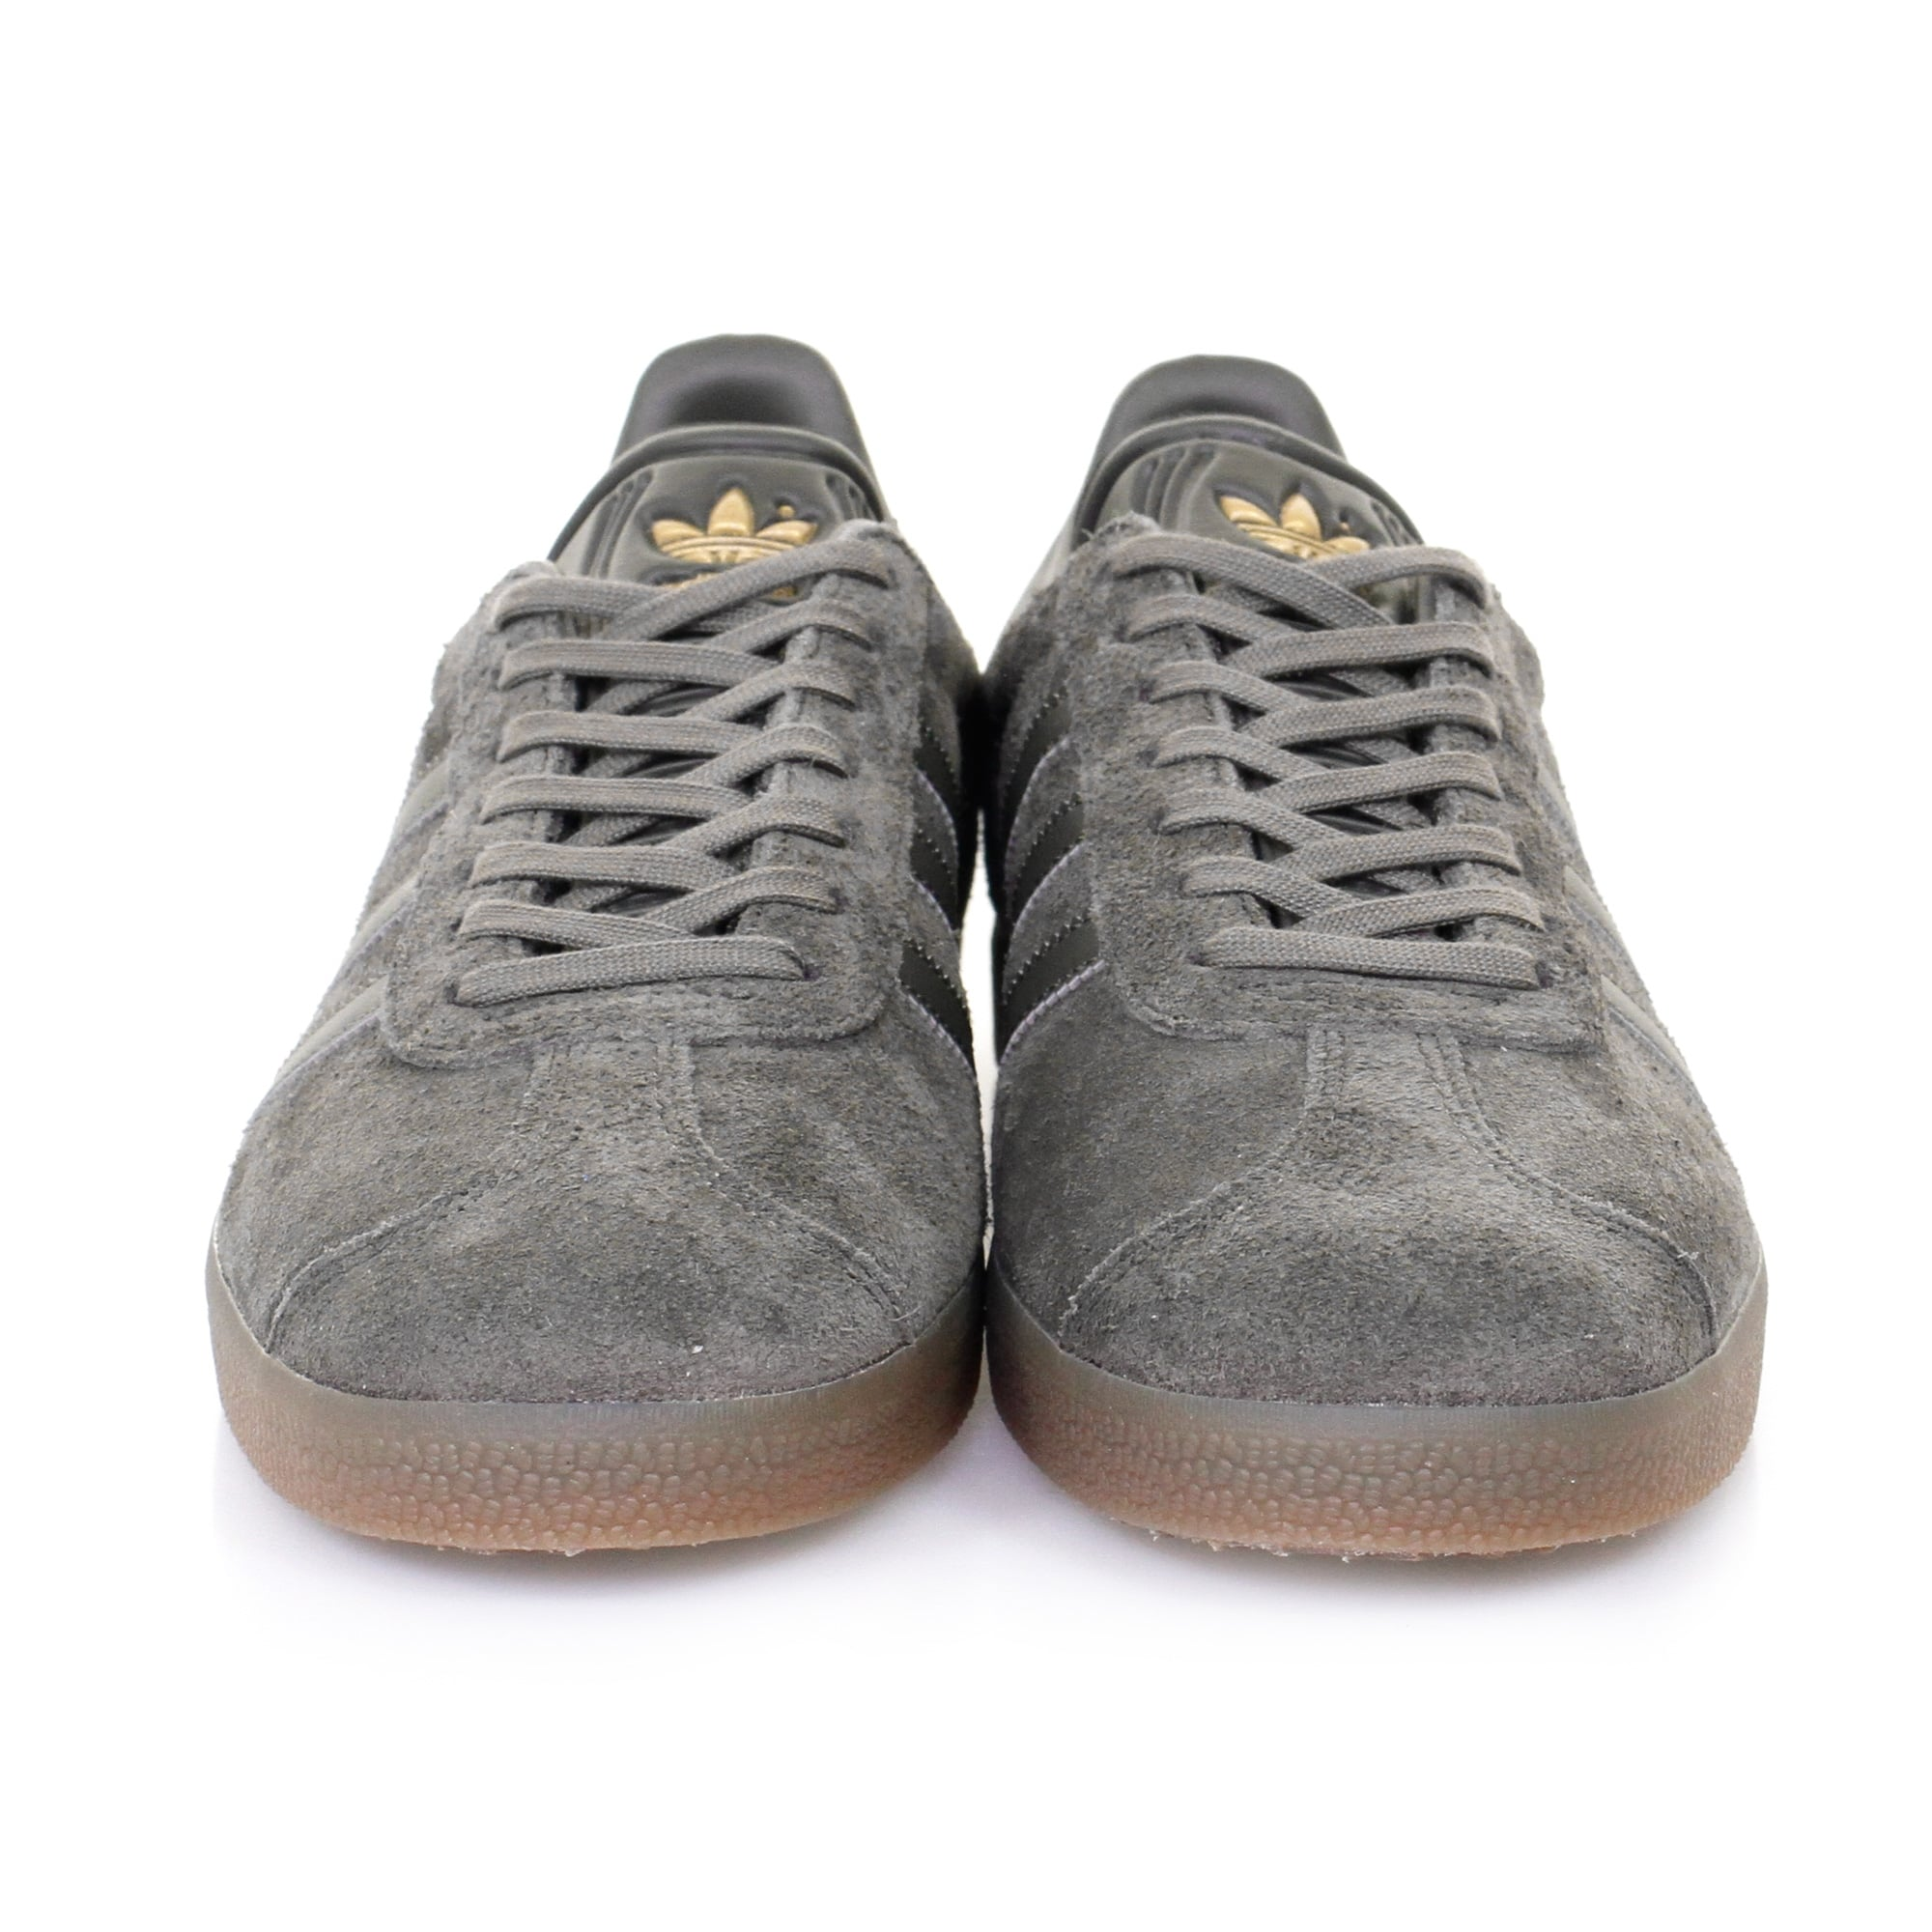 adidas gazelle utility grey